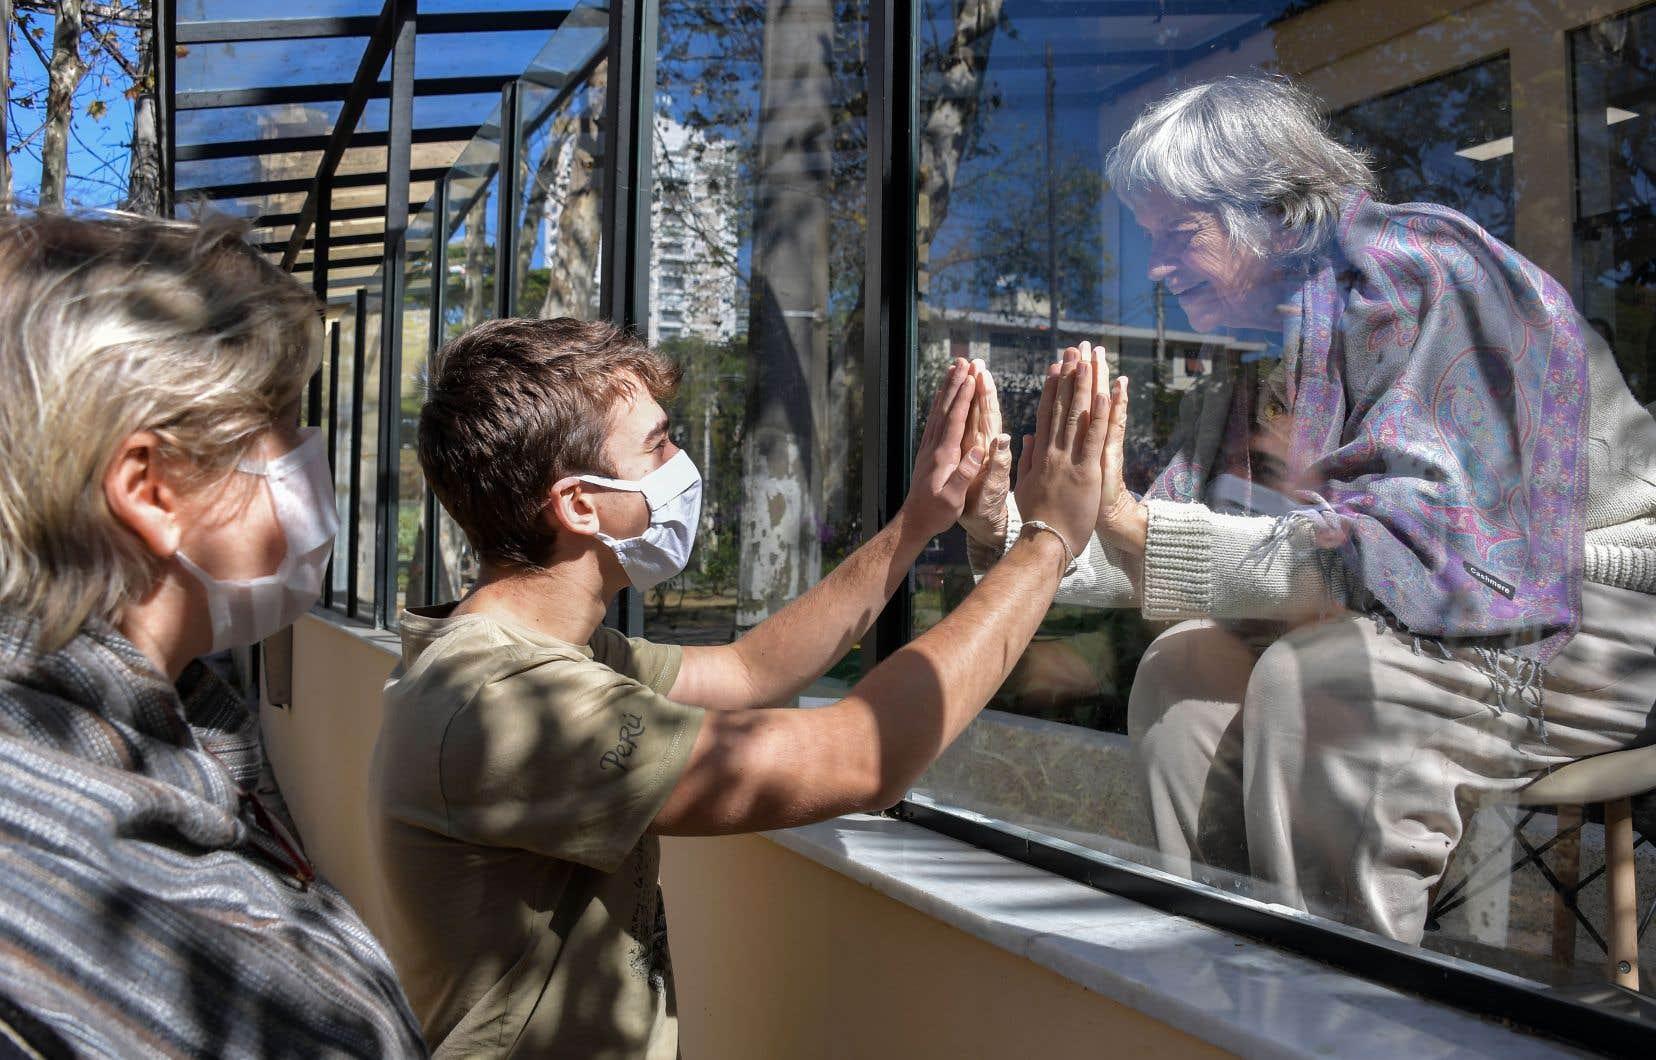 Le confinement strict imposé dans plusieurs pays a contribué à réduire la propagation du virus.